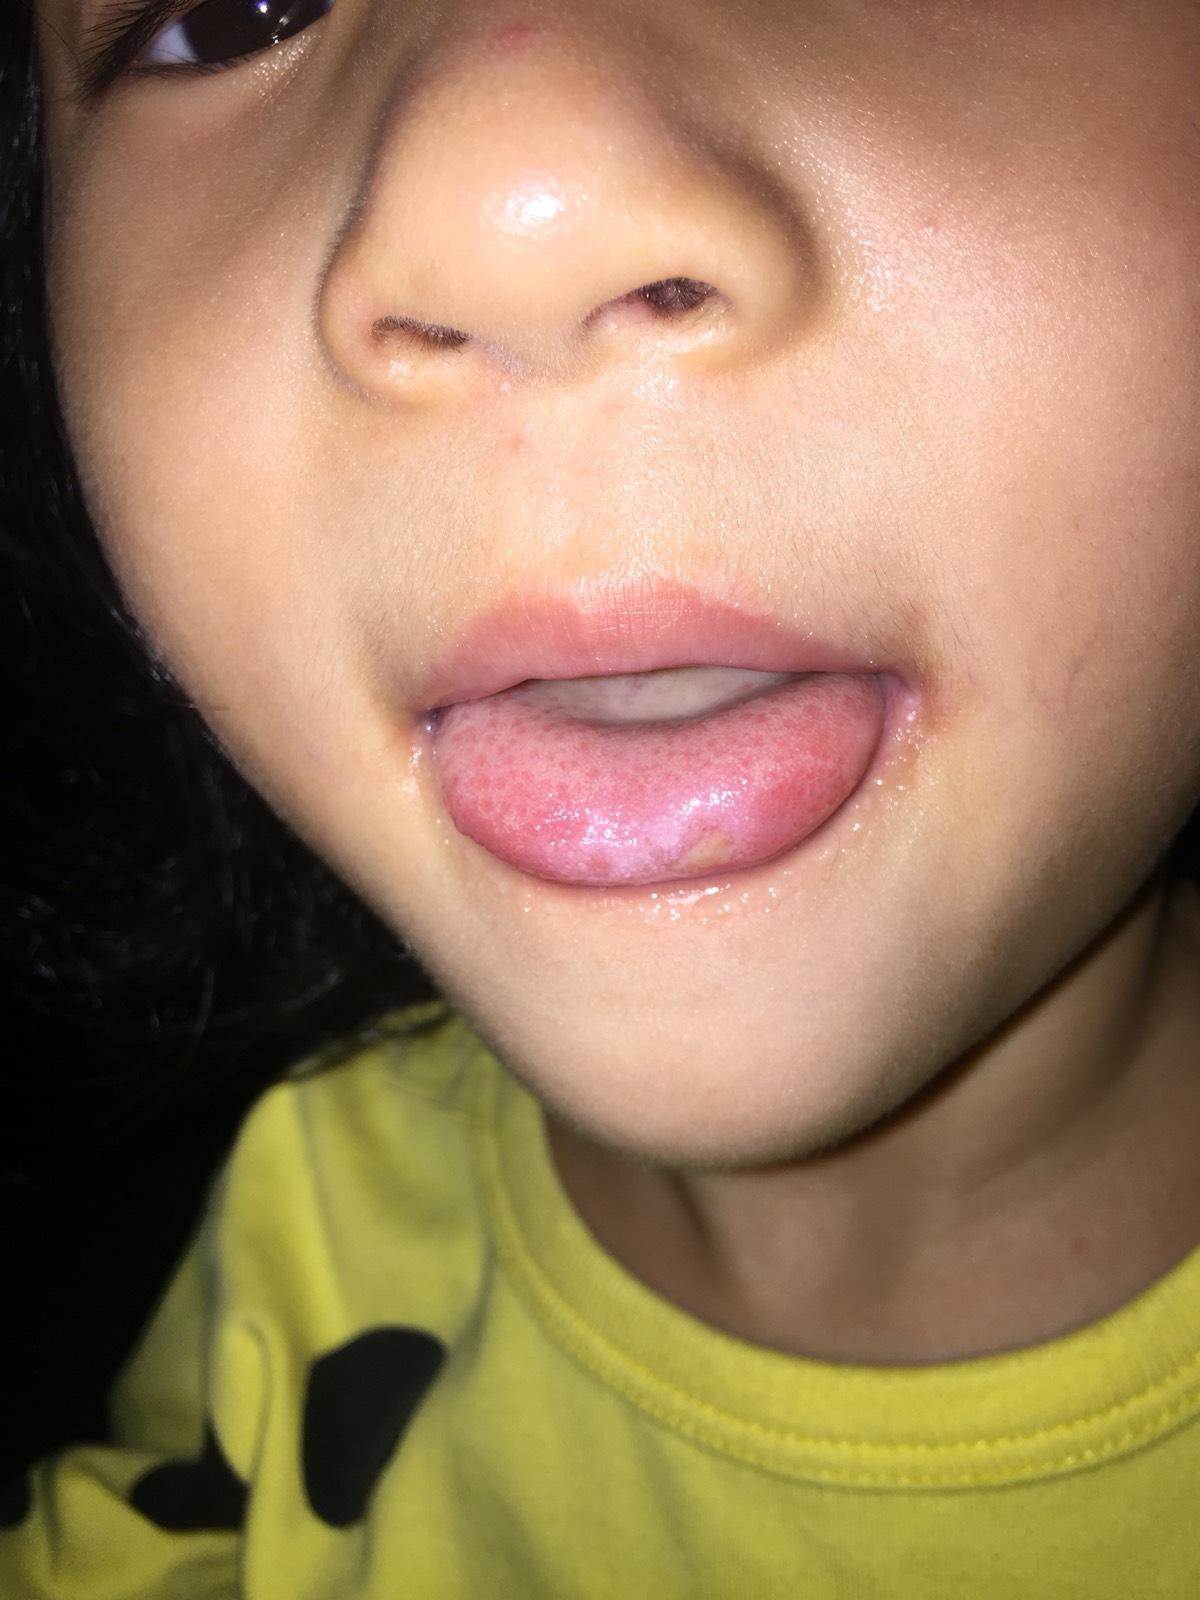 求助:四岁小孩经常长疱疹,舌头长疮